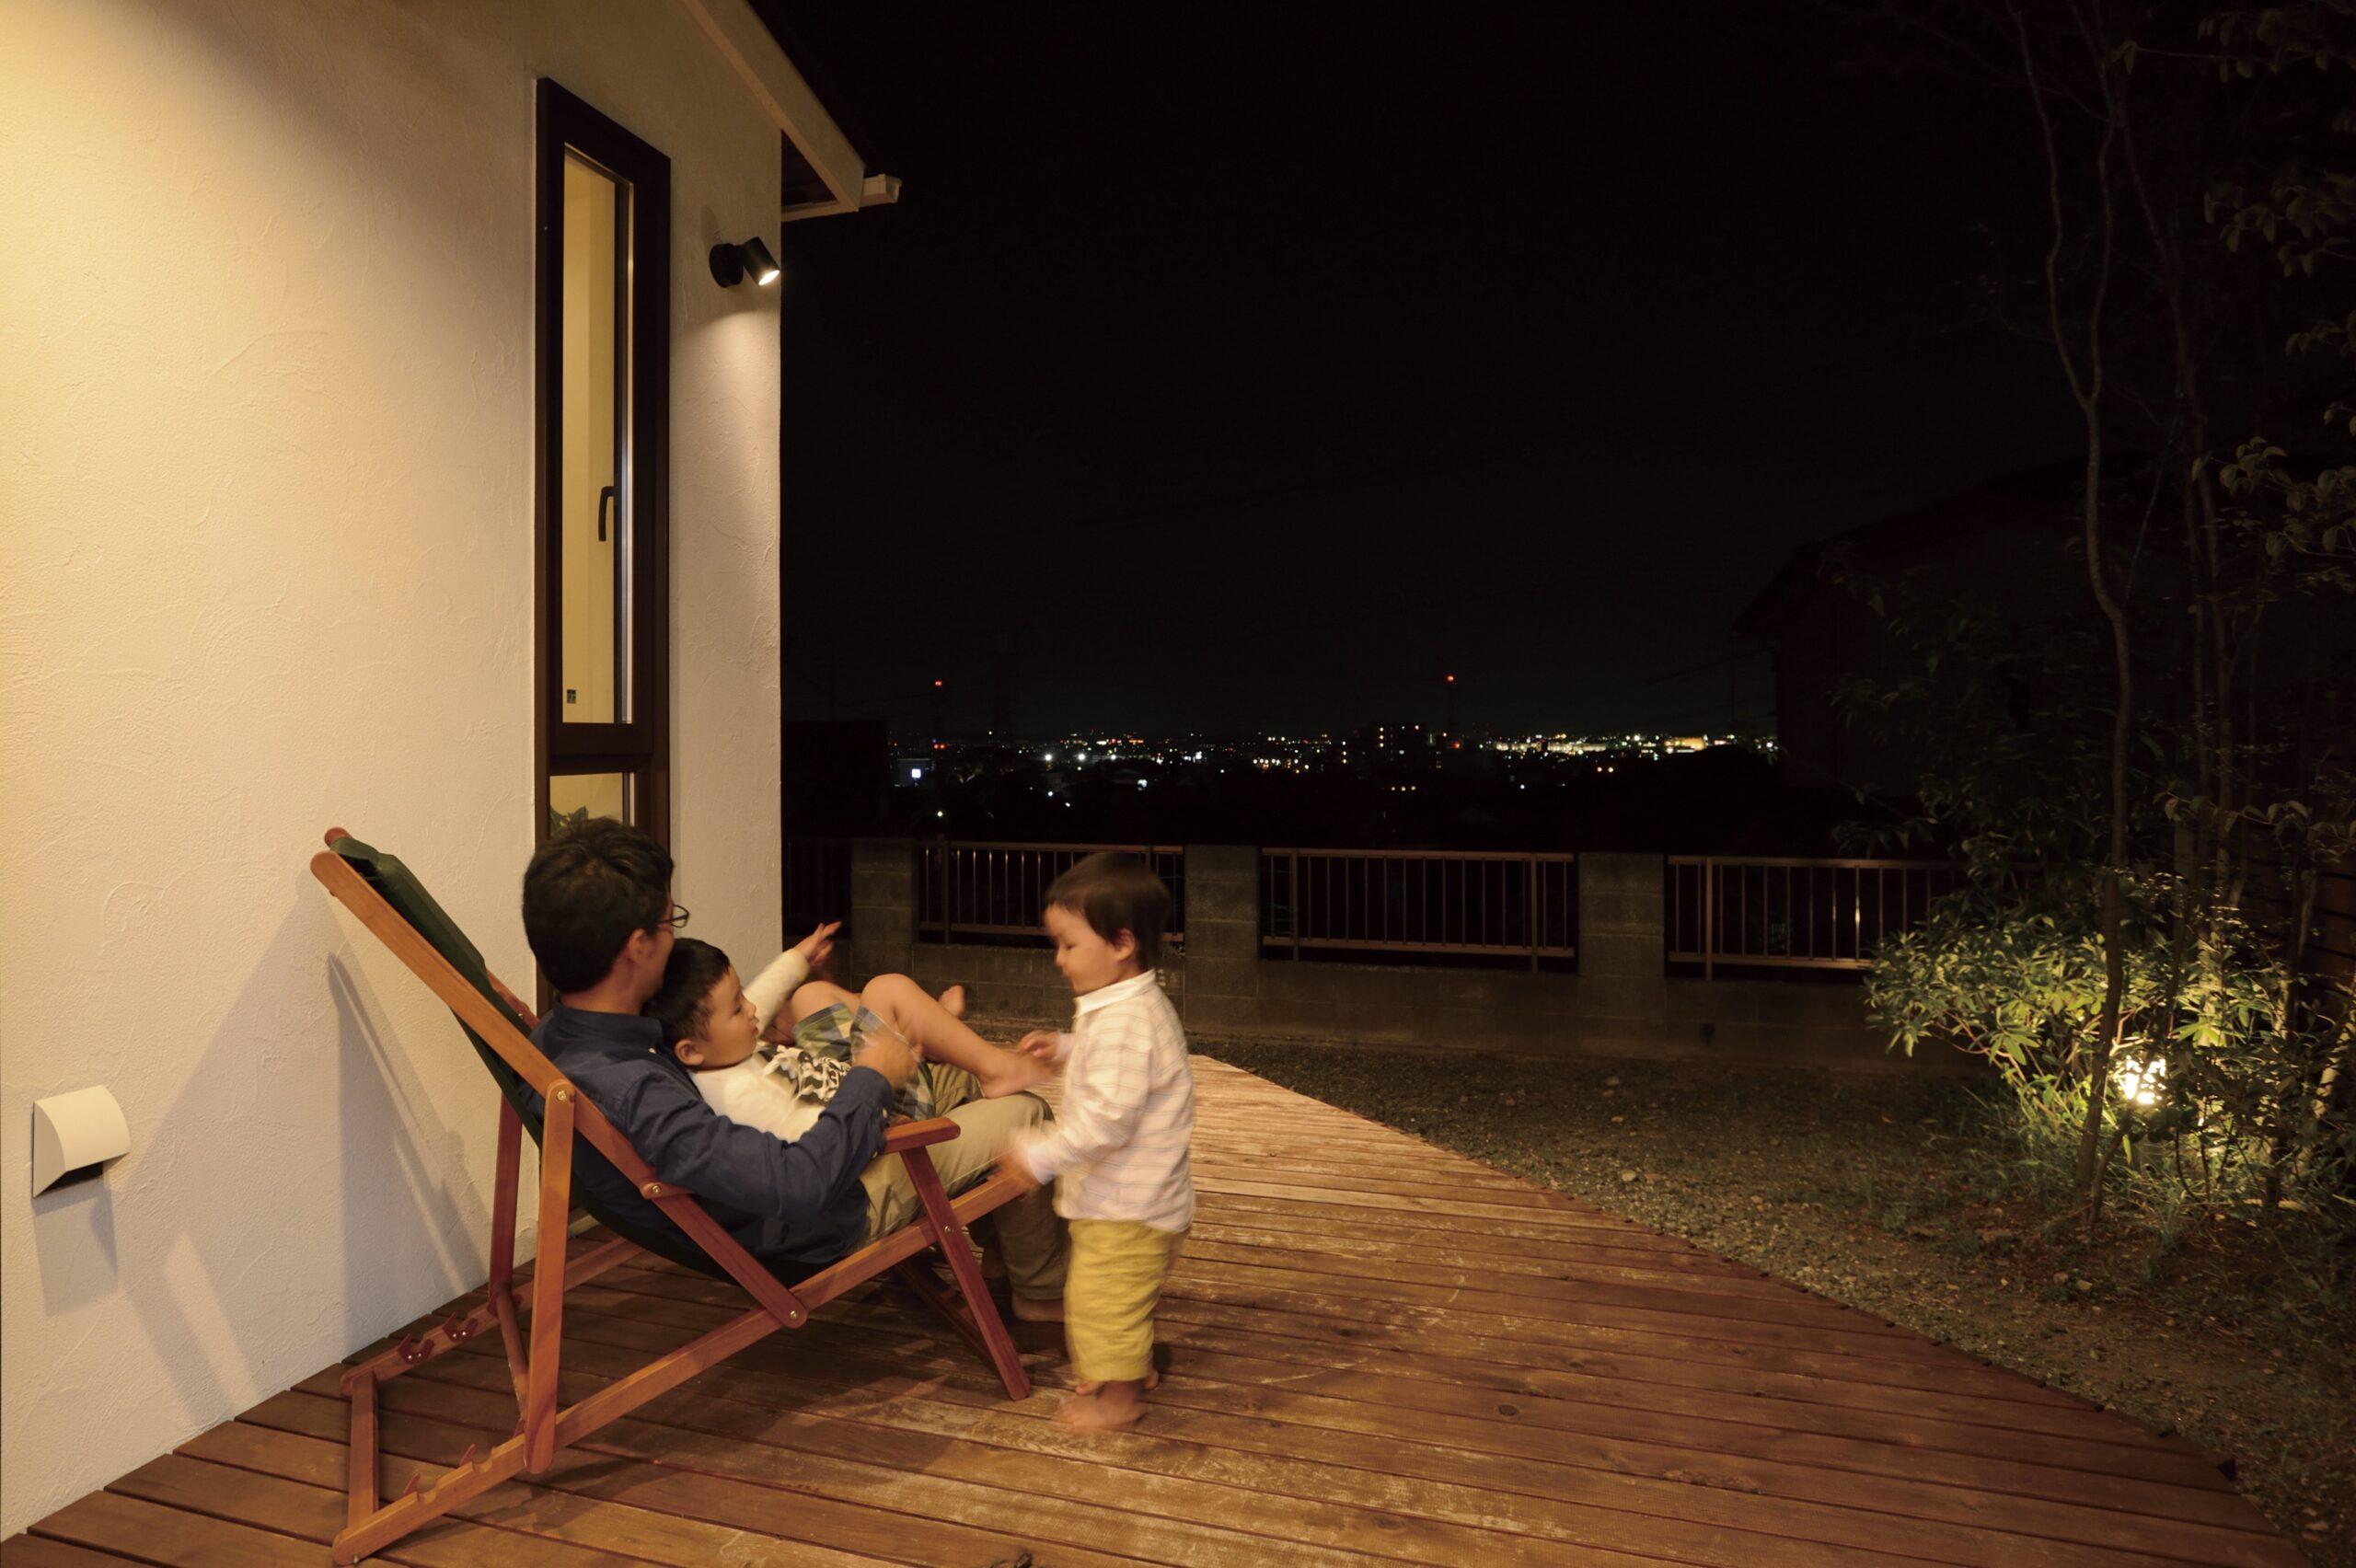 夜のウッドデッキで景色を楽しむ